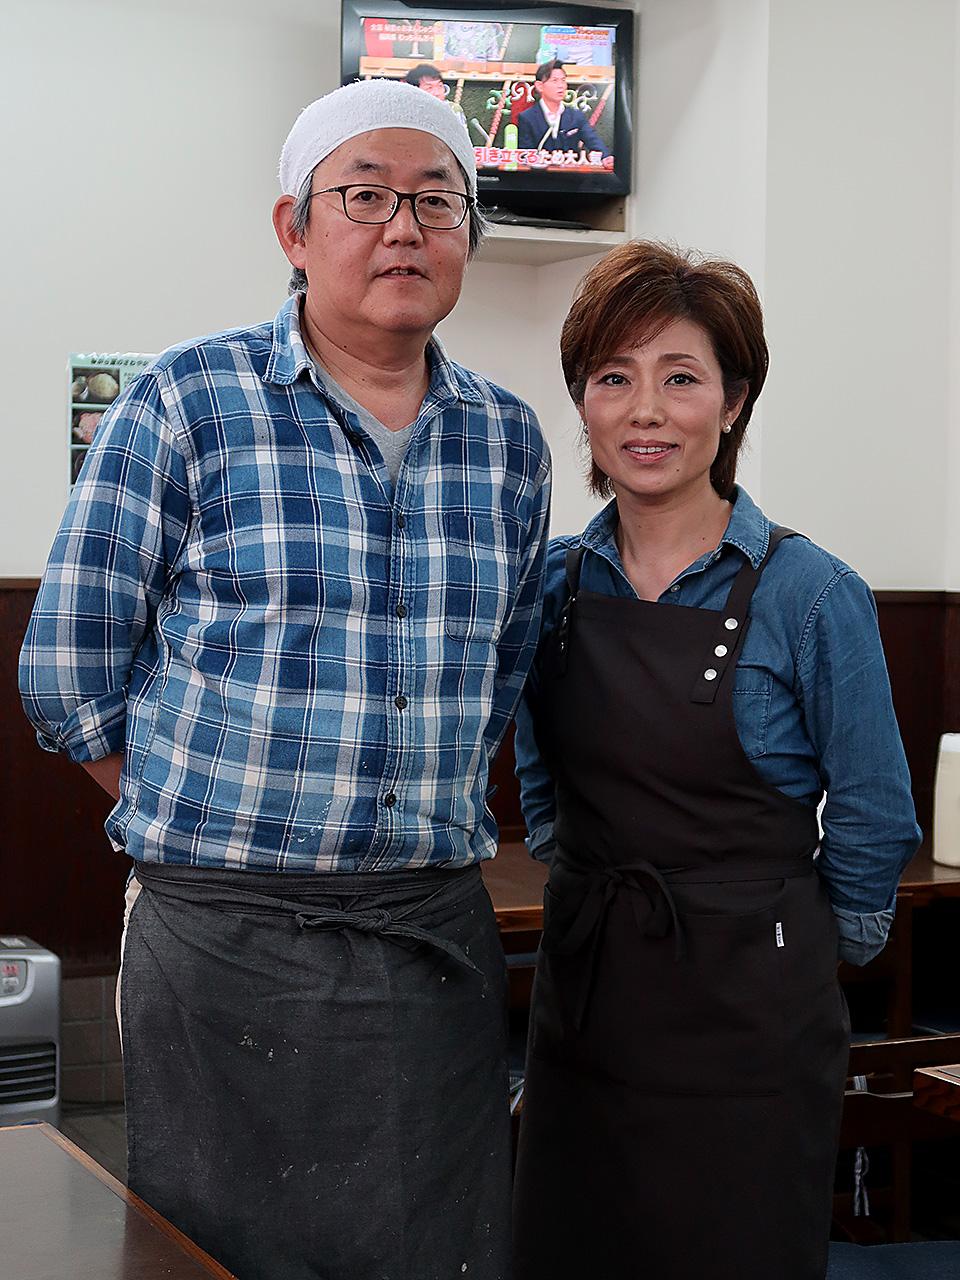 食堂はやし 3代目の林学さん智恵子さん夫妻